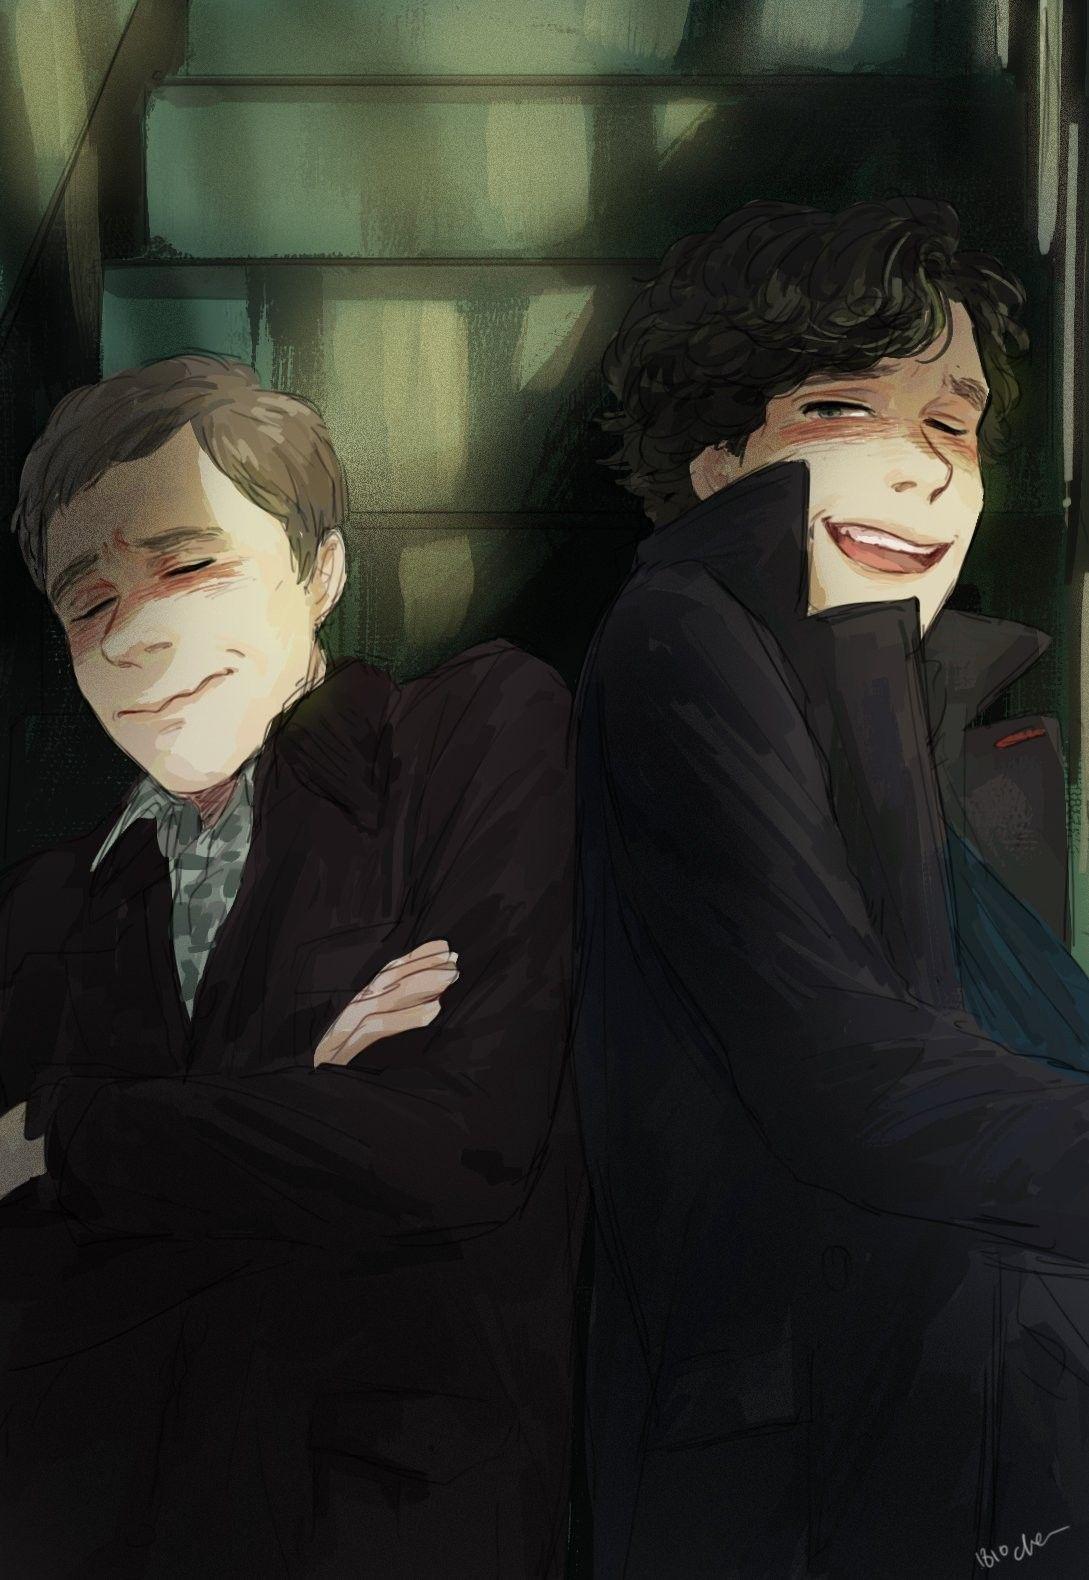 Шерлок и ватсон арты